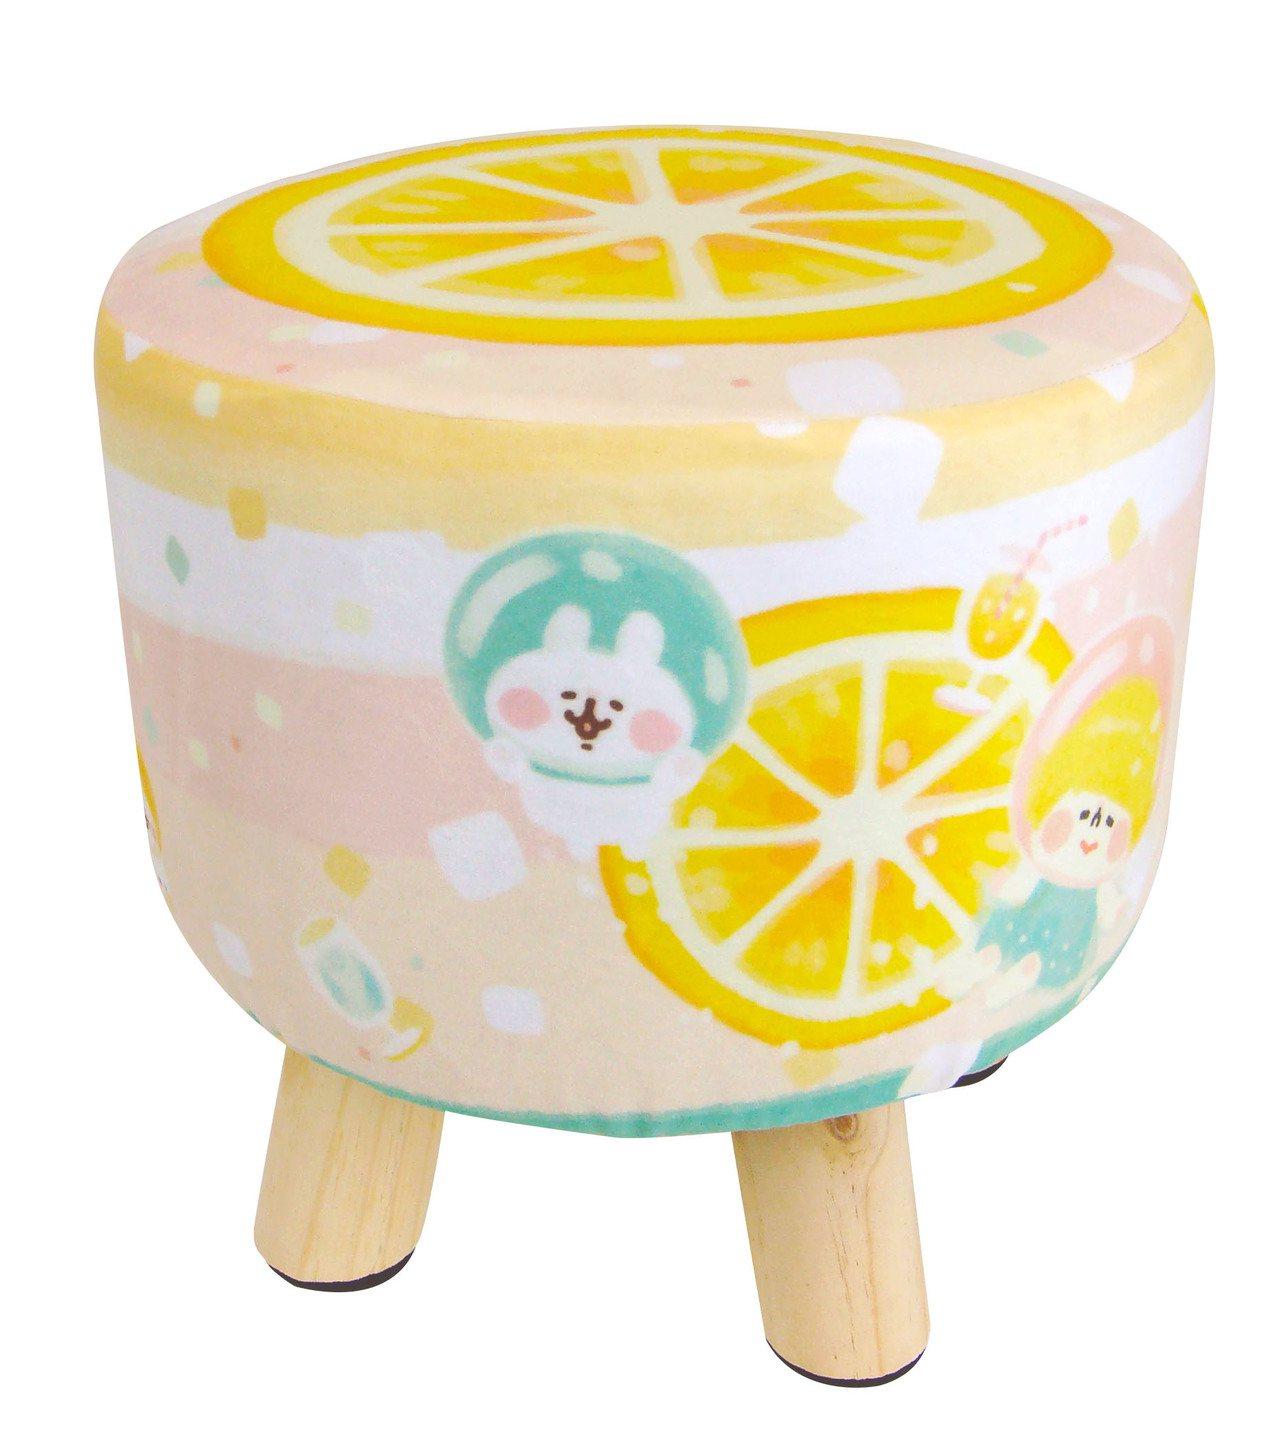 卡娜赫拉的小動物小圓凳,售價699元,共兩款。圖/7-ELEVEN提供